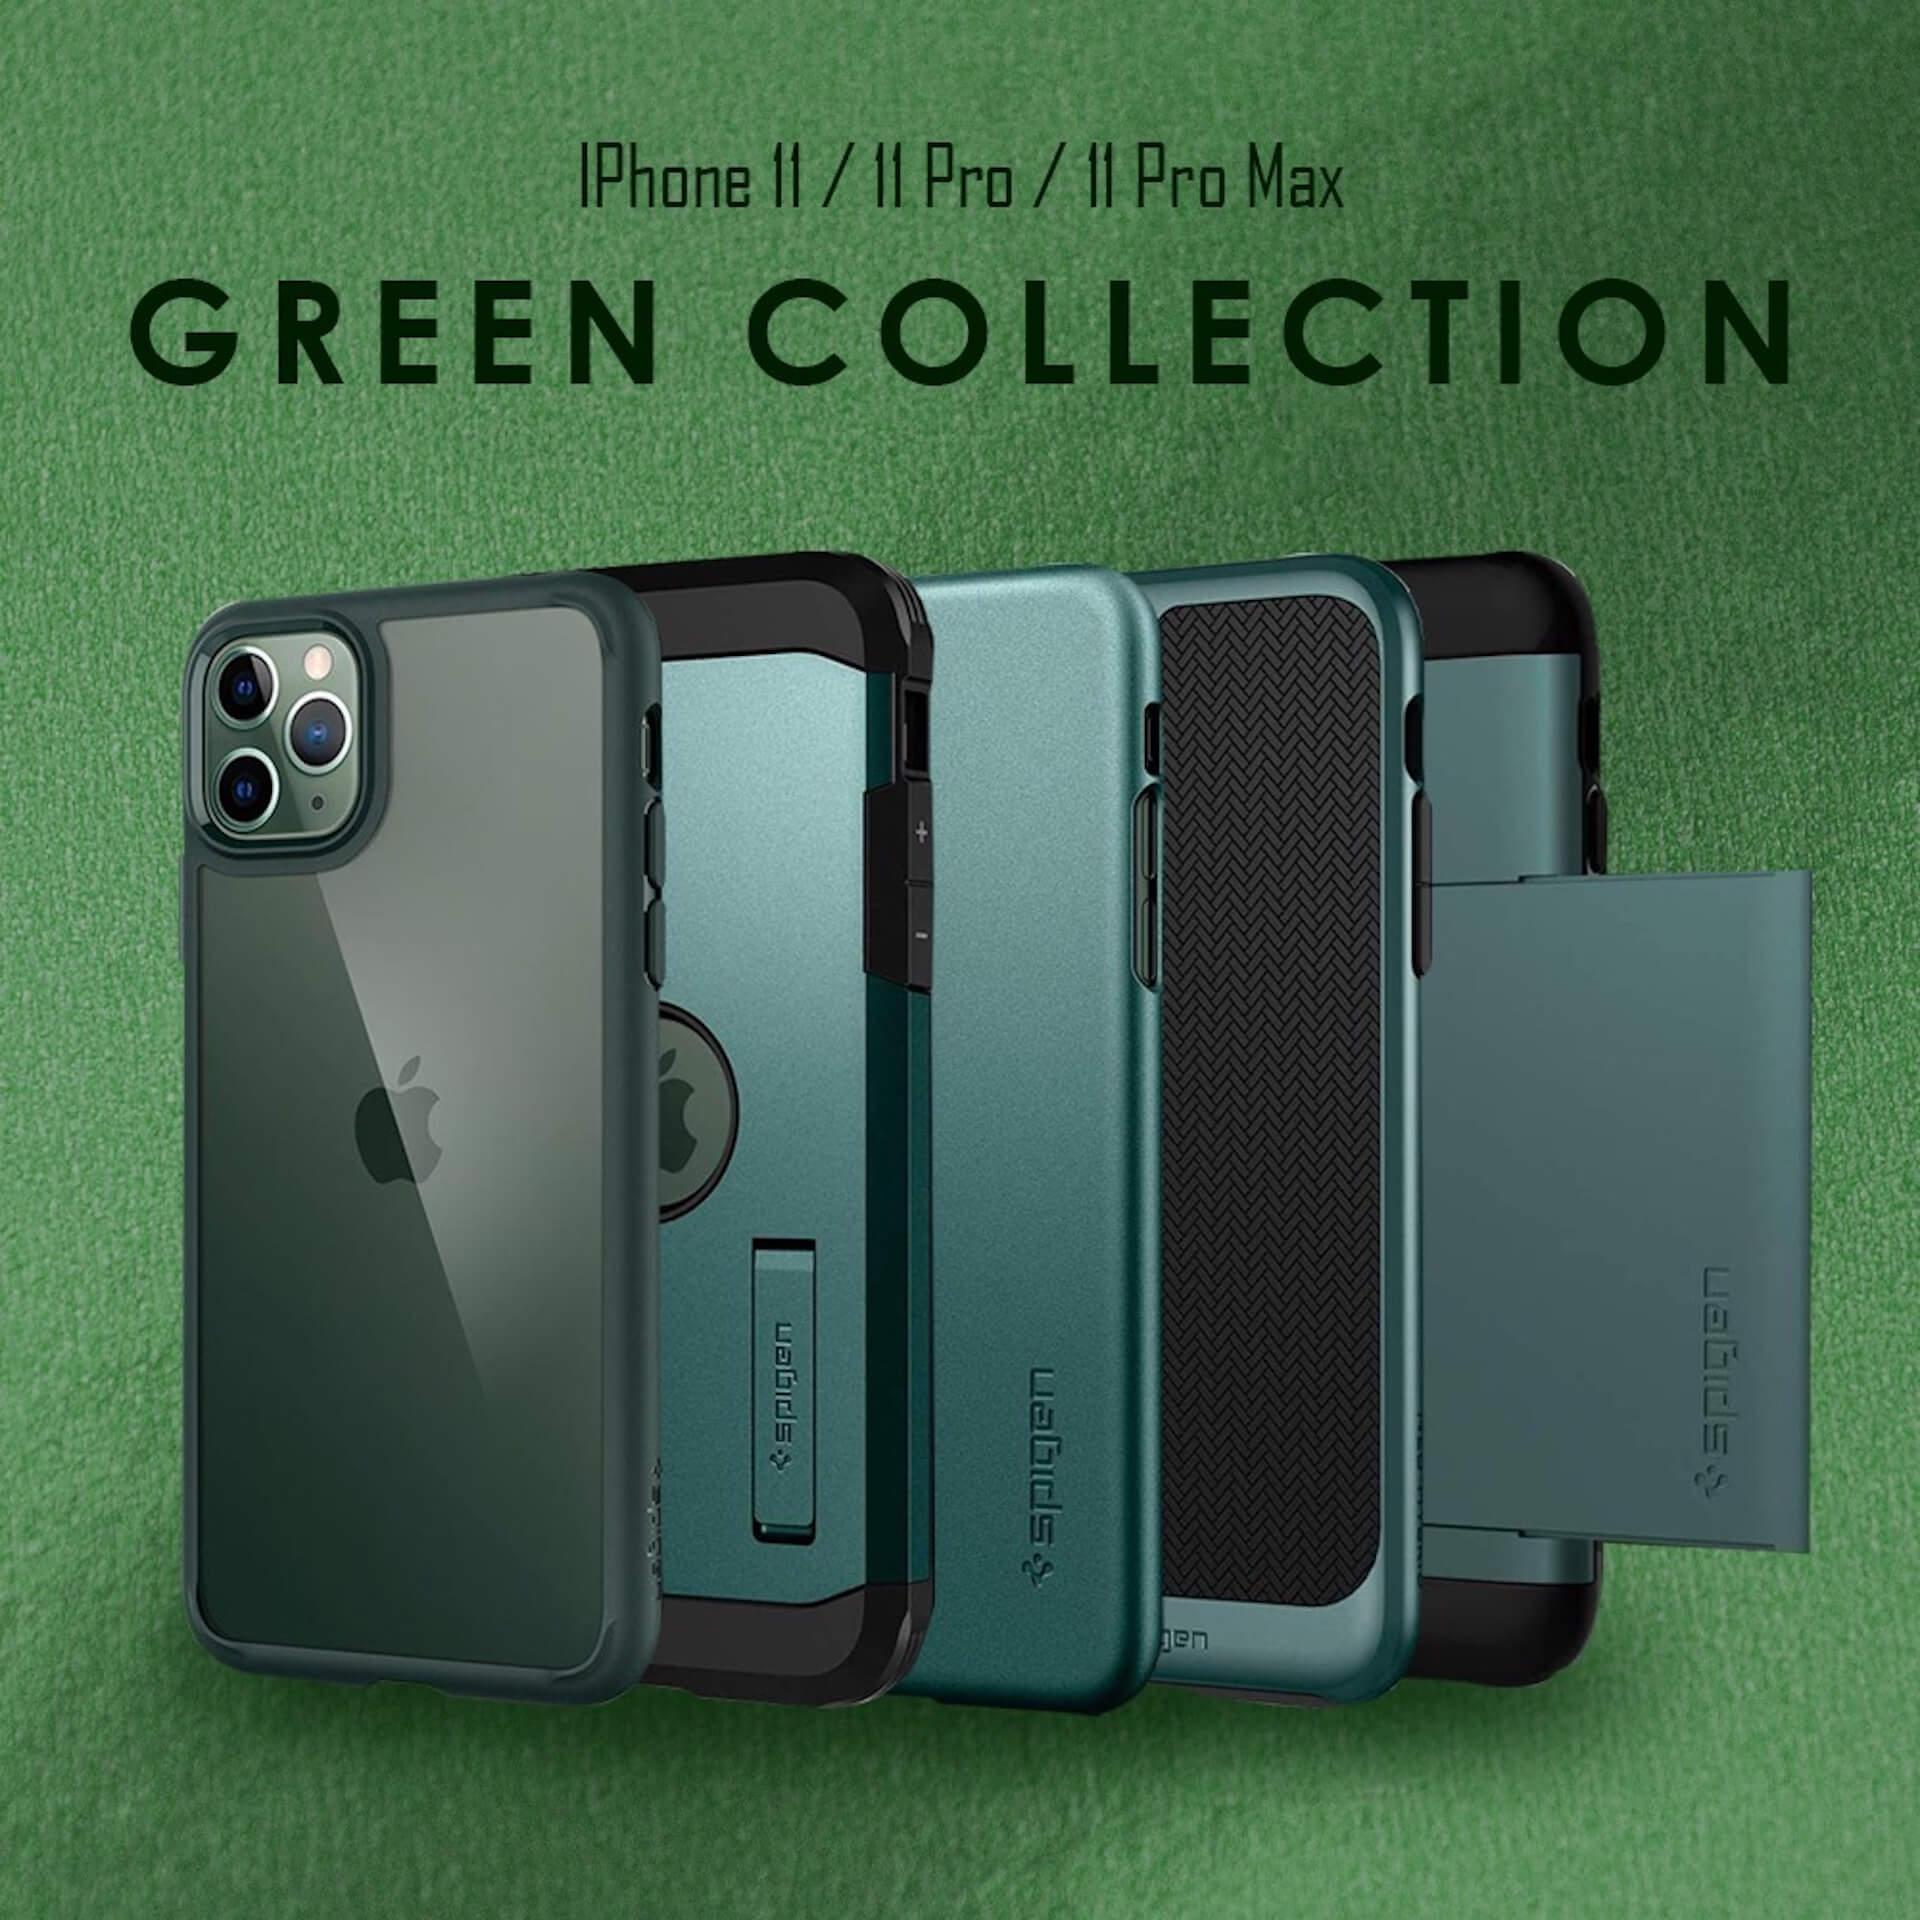 SpigenからiPhone 11シリーズの人気カラー「ミッドナイトグリーン」のケースが登場! tech191202_iphone11_case_main